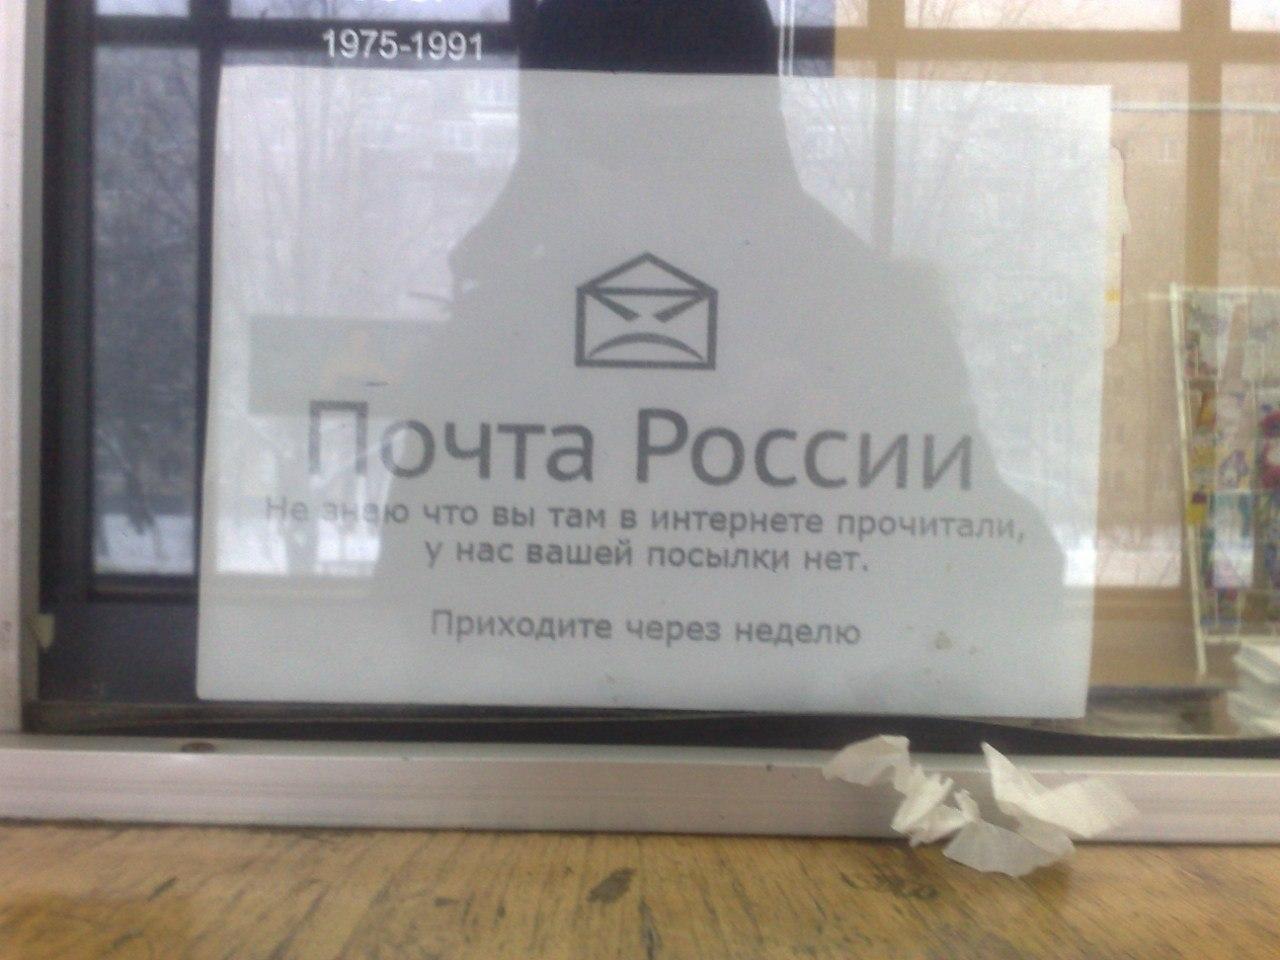 Прикольная картинка почта россии, прикольные картинки